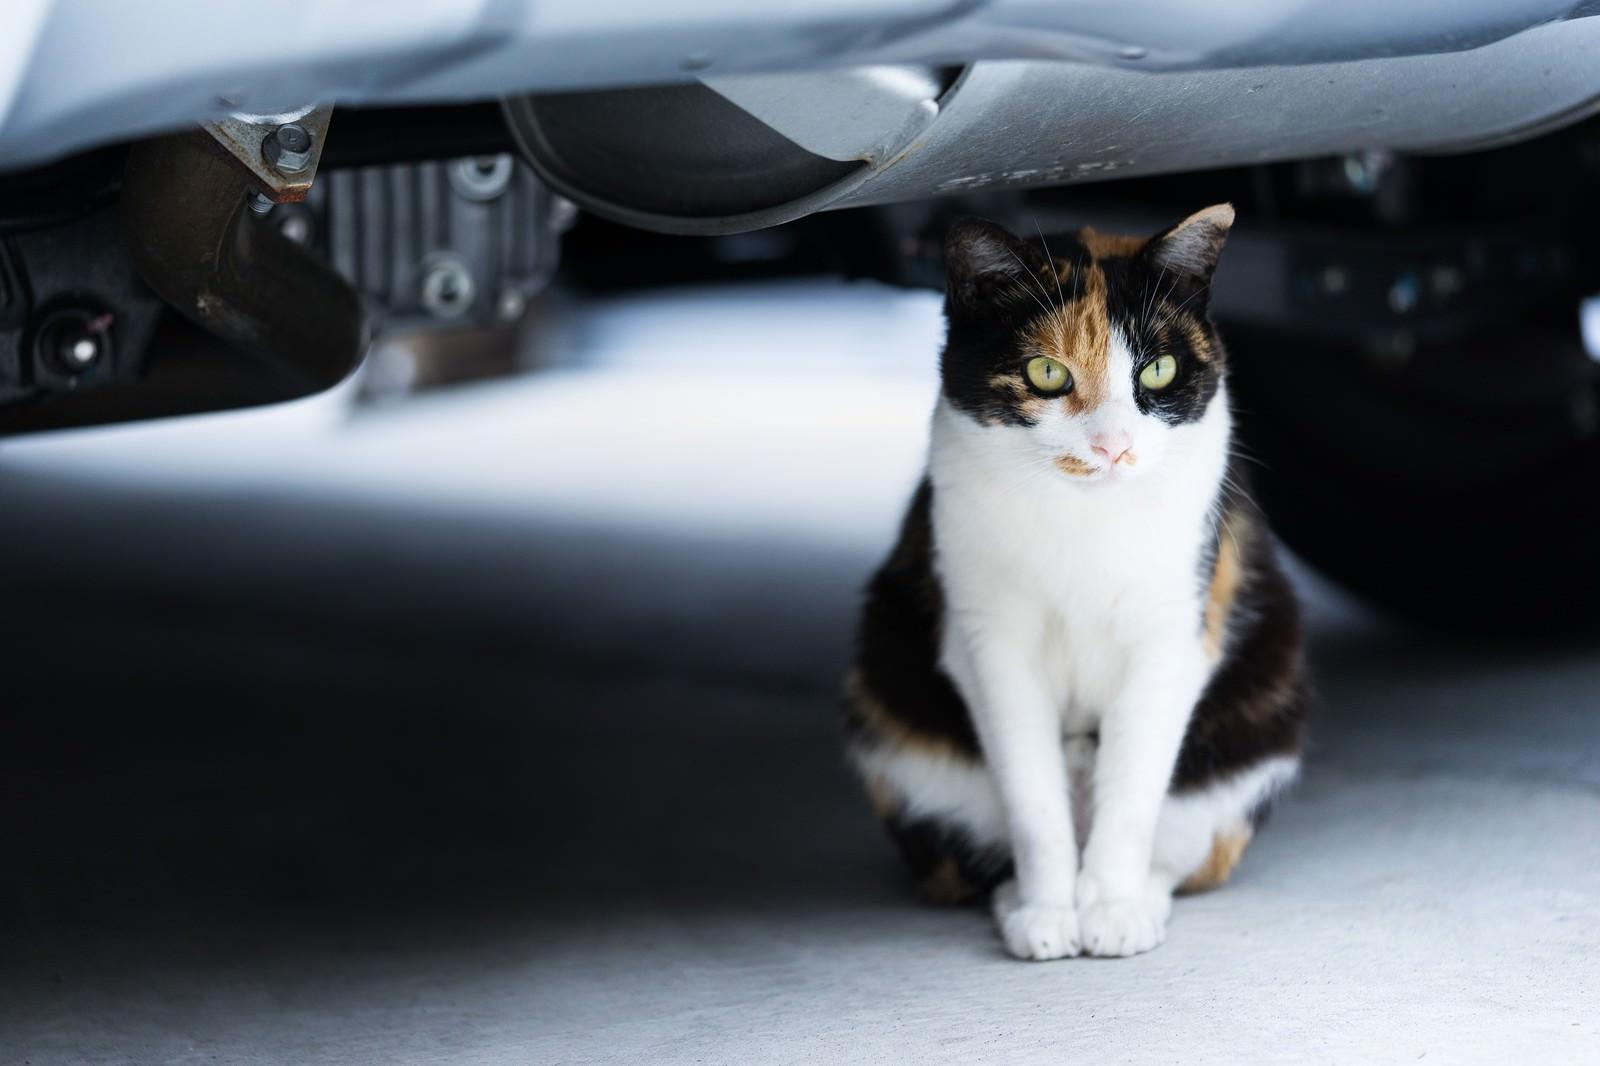 「車の下のにゃんこ車の下のにゃんこ」のフリー写真素材を拡大